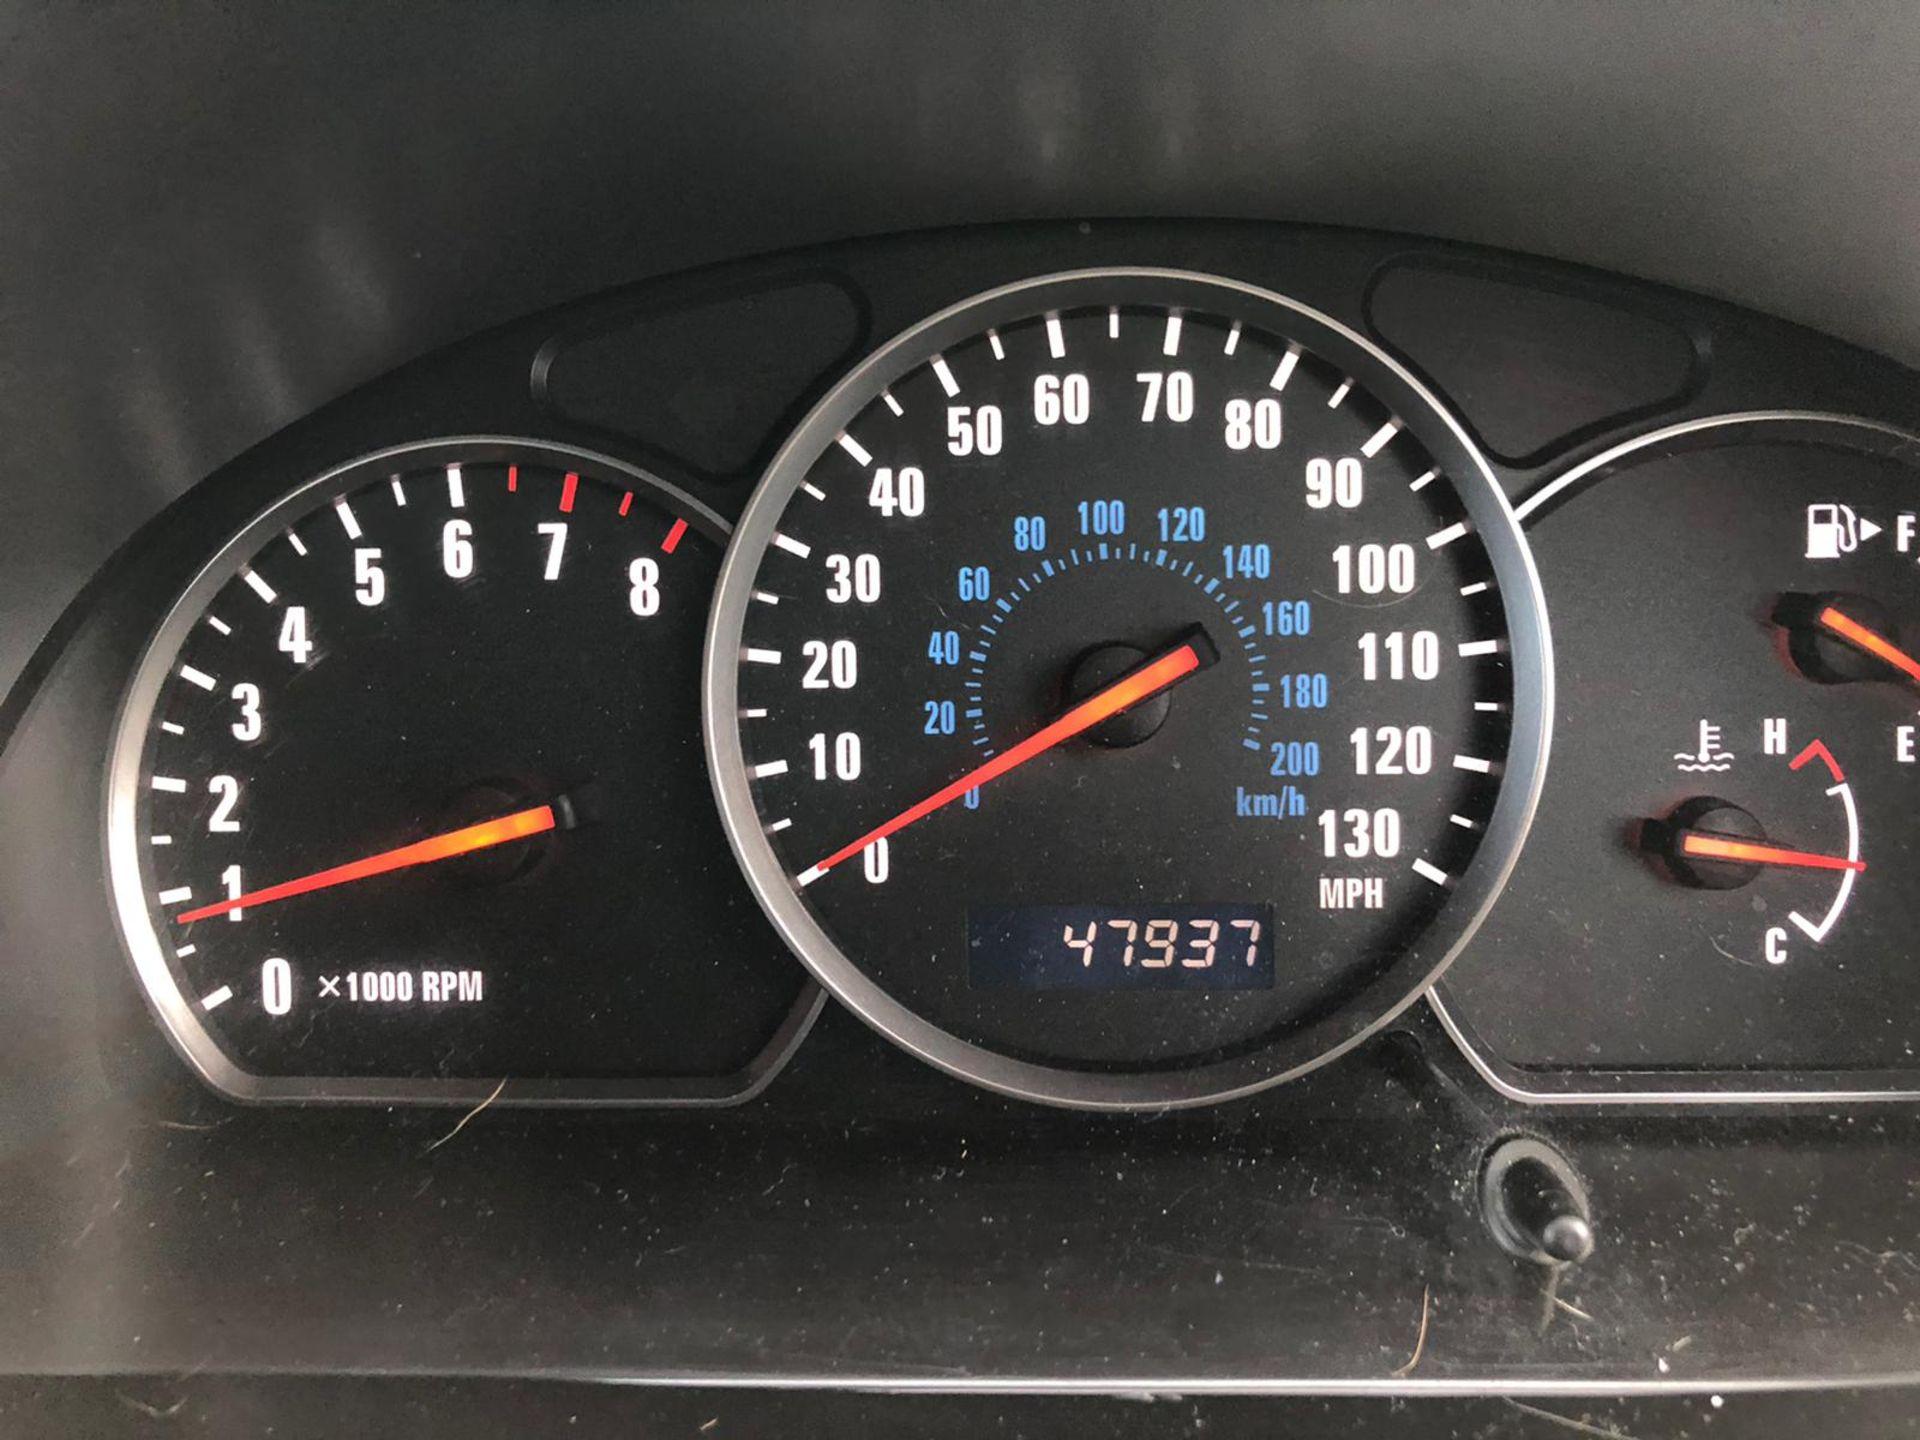 Lot 36 - 2003/53 REG SUZUKI GRAND VITARA 16V SPORT 4X4 1.6 PETROL, SHOWING 3 FORMER KEEPERS *NO VAT*